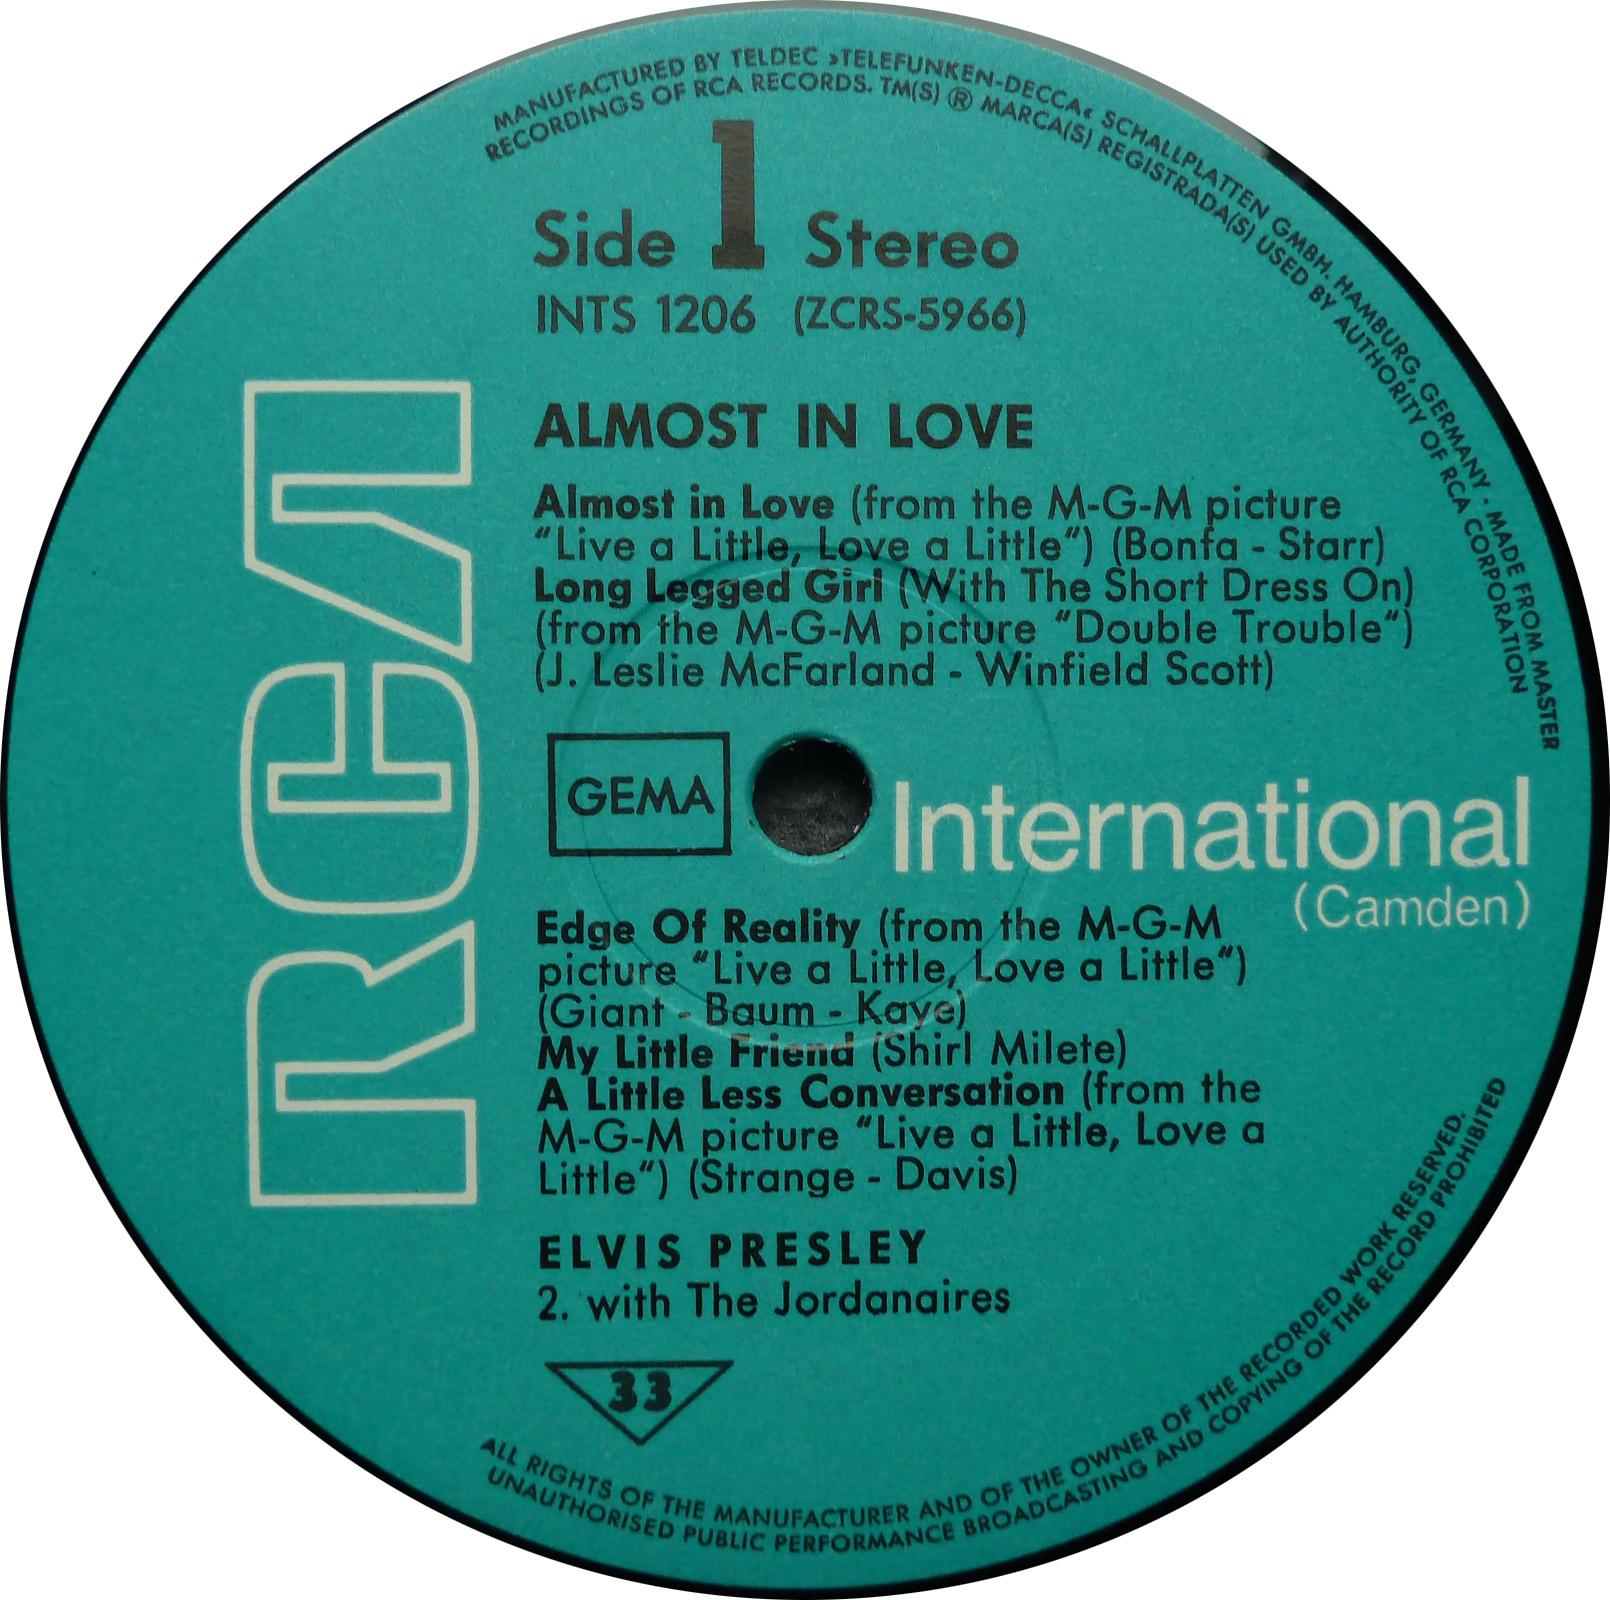 ALMOST IN LOVE Almostinlove70seite154r88